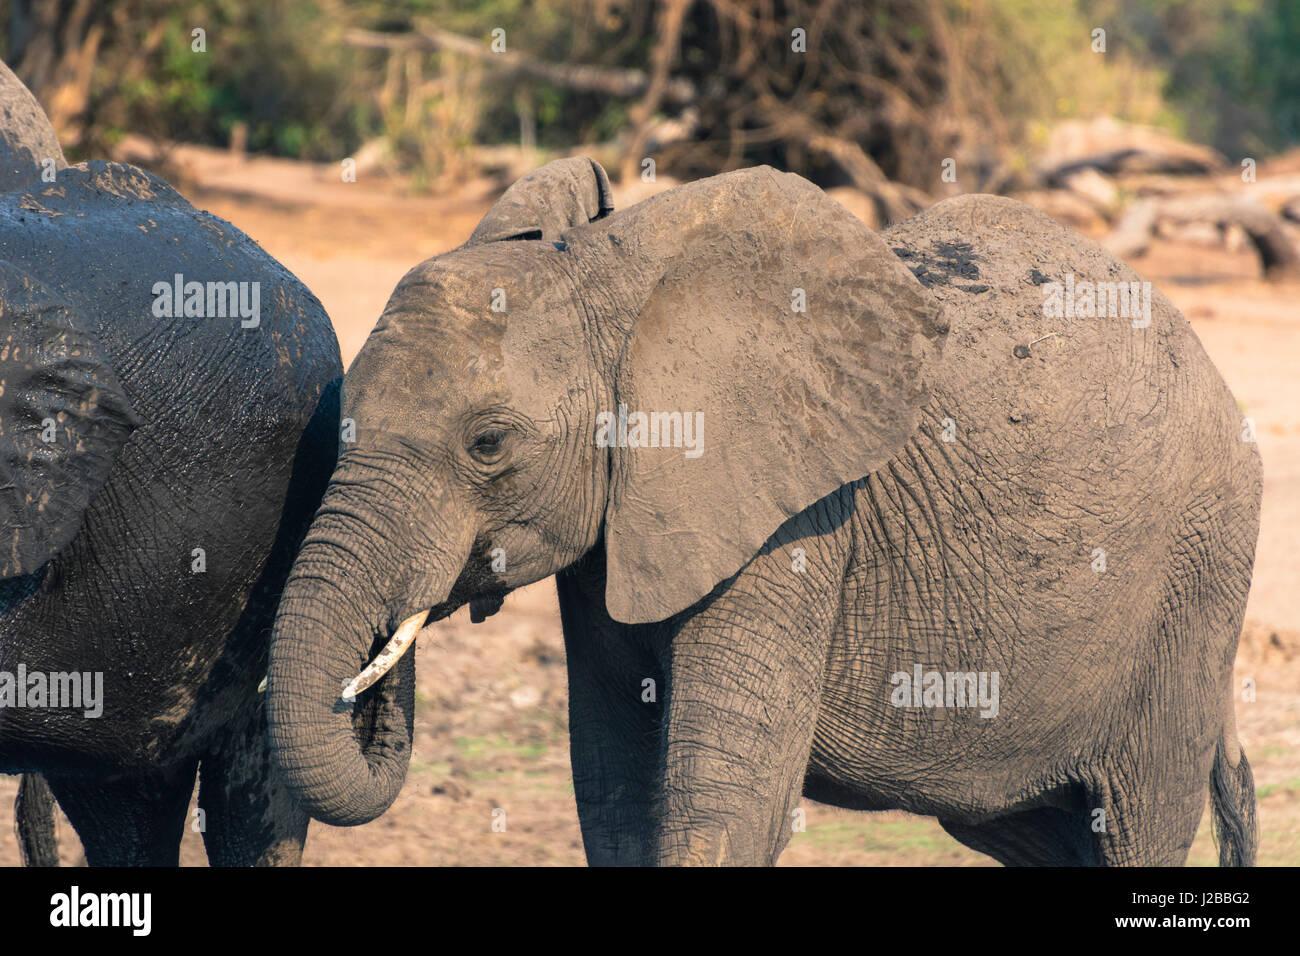 Botswana. Chobe National Park. Elephants (Loxodonta africana) drinking in the Chobe River. - Stock Image